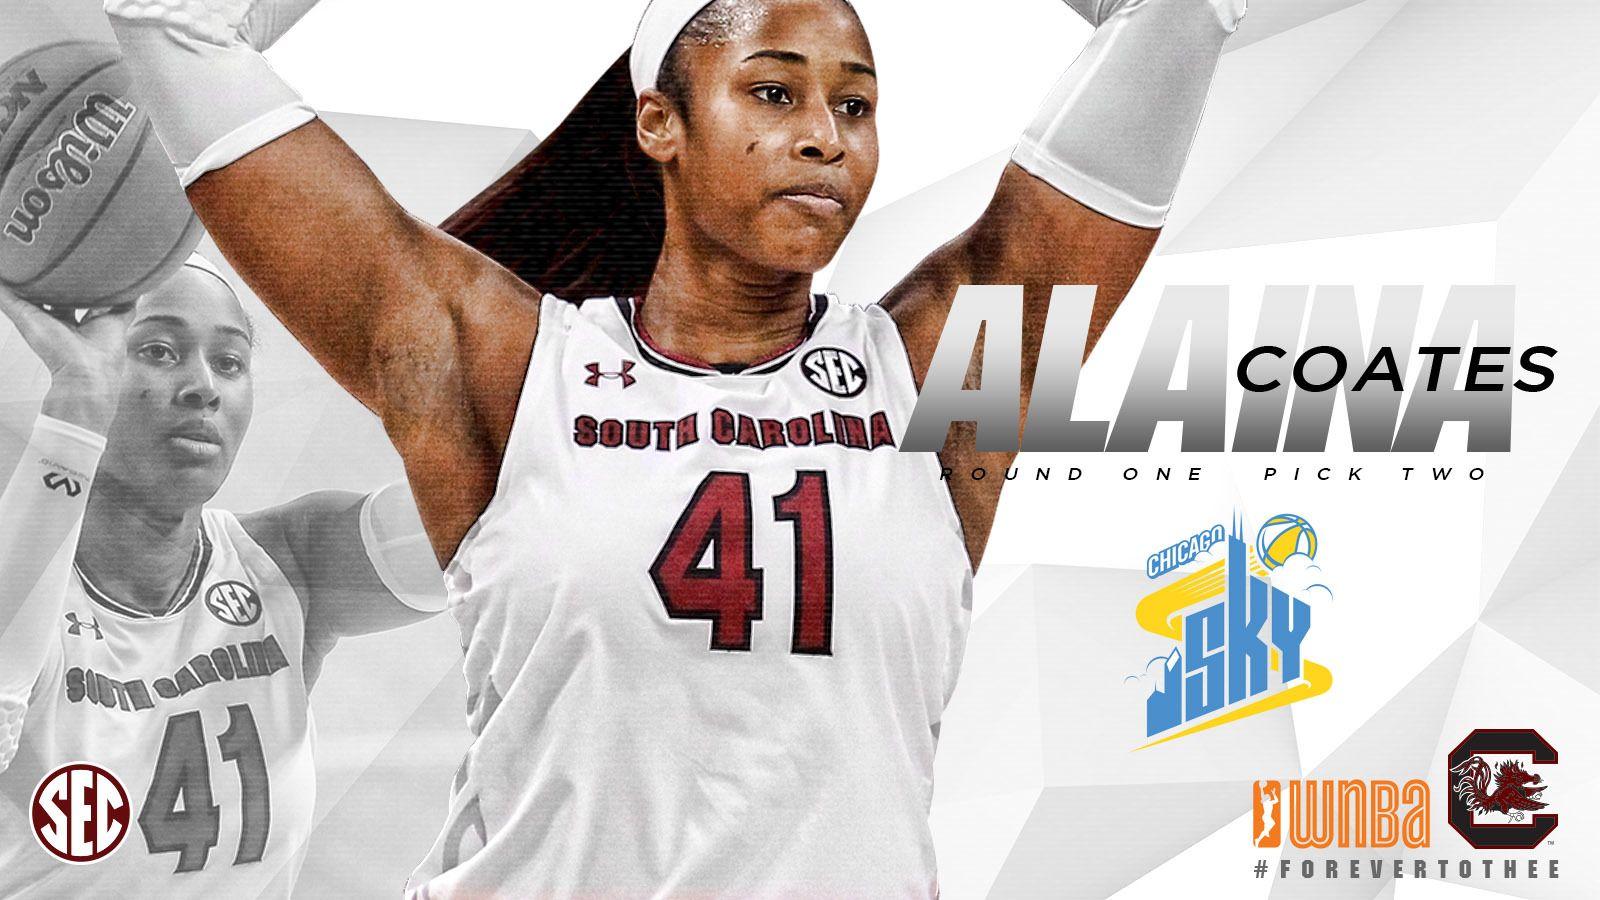 Maya Moore Wallpapers Basketball Wallpapers at